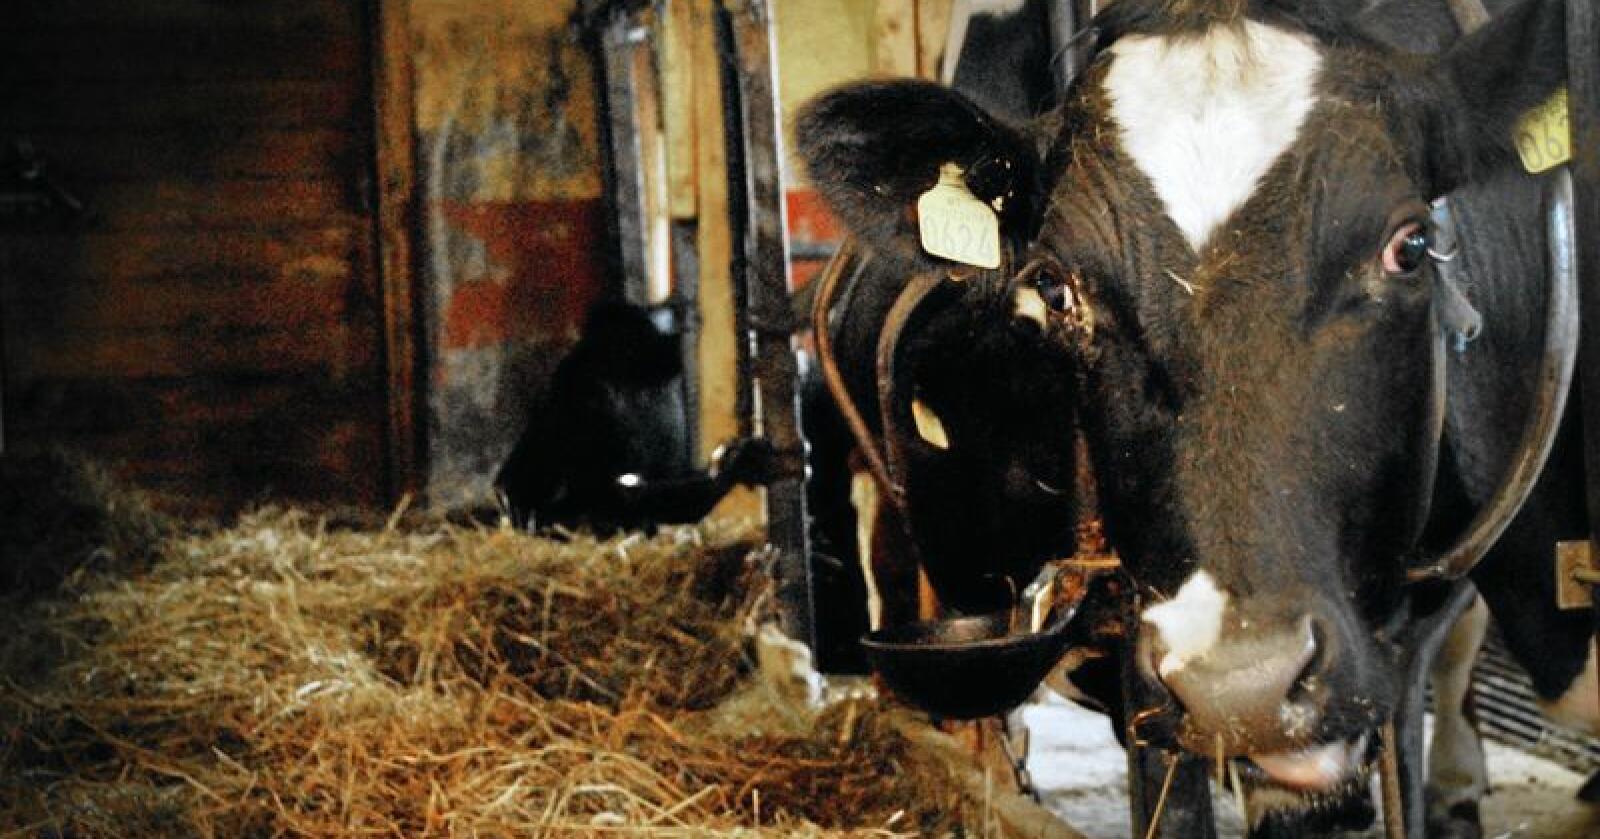 Ikke ute: Flertallet av okser, griser, høner, kyllinger og kalkuner ser aldri dagslys før de blir slaktet, skriver innsenderen. Foto: Mariann Tvete